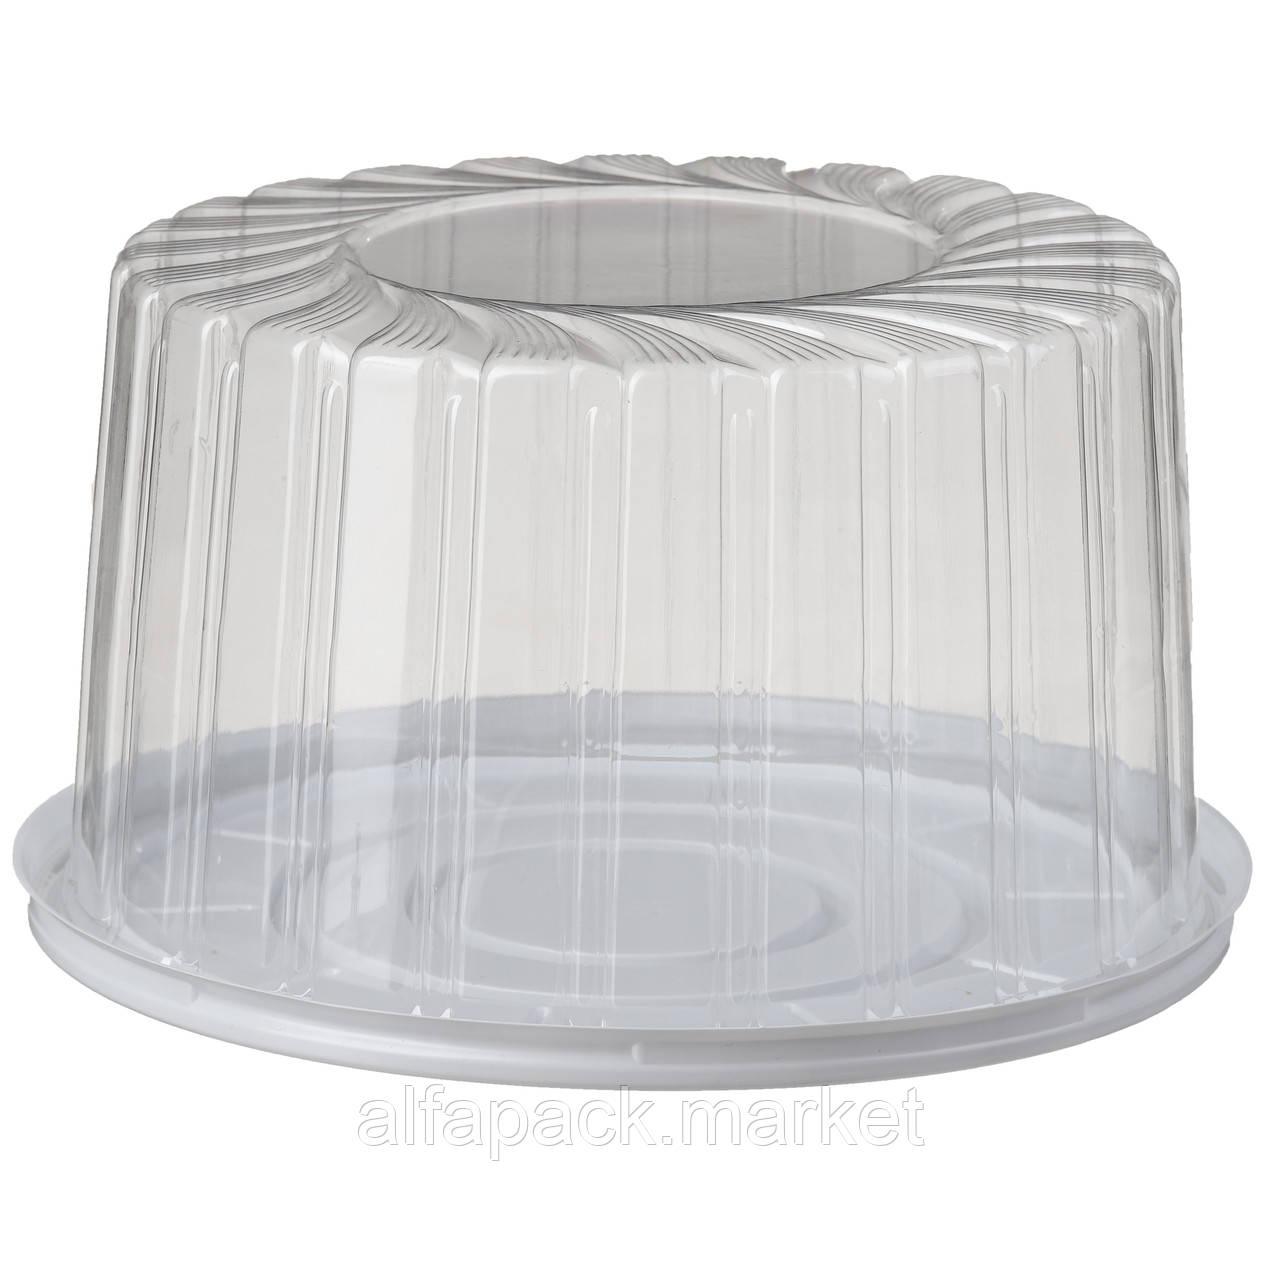 ПС-244 Упаковка для кондитерских изделий 245*140 (130 шт в упаковке) 010100070